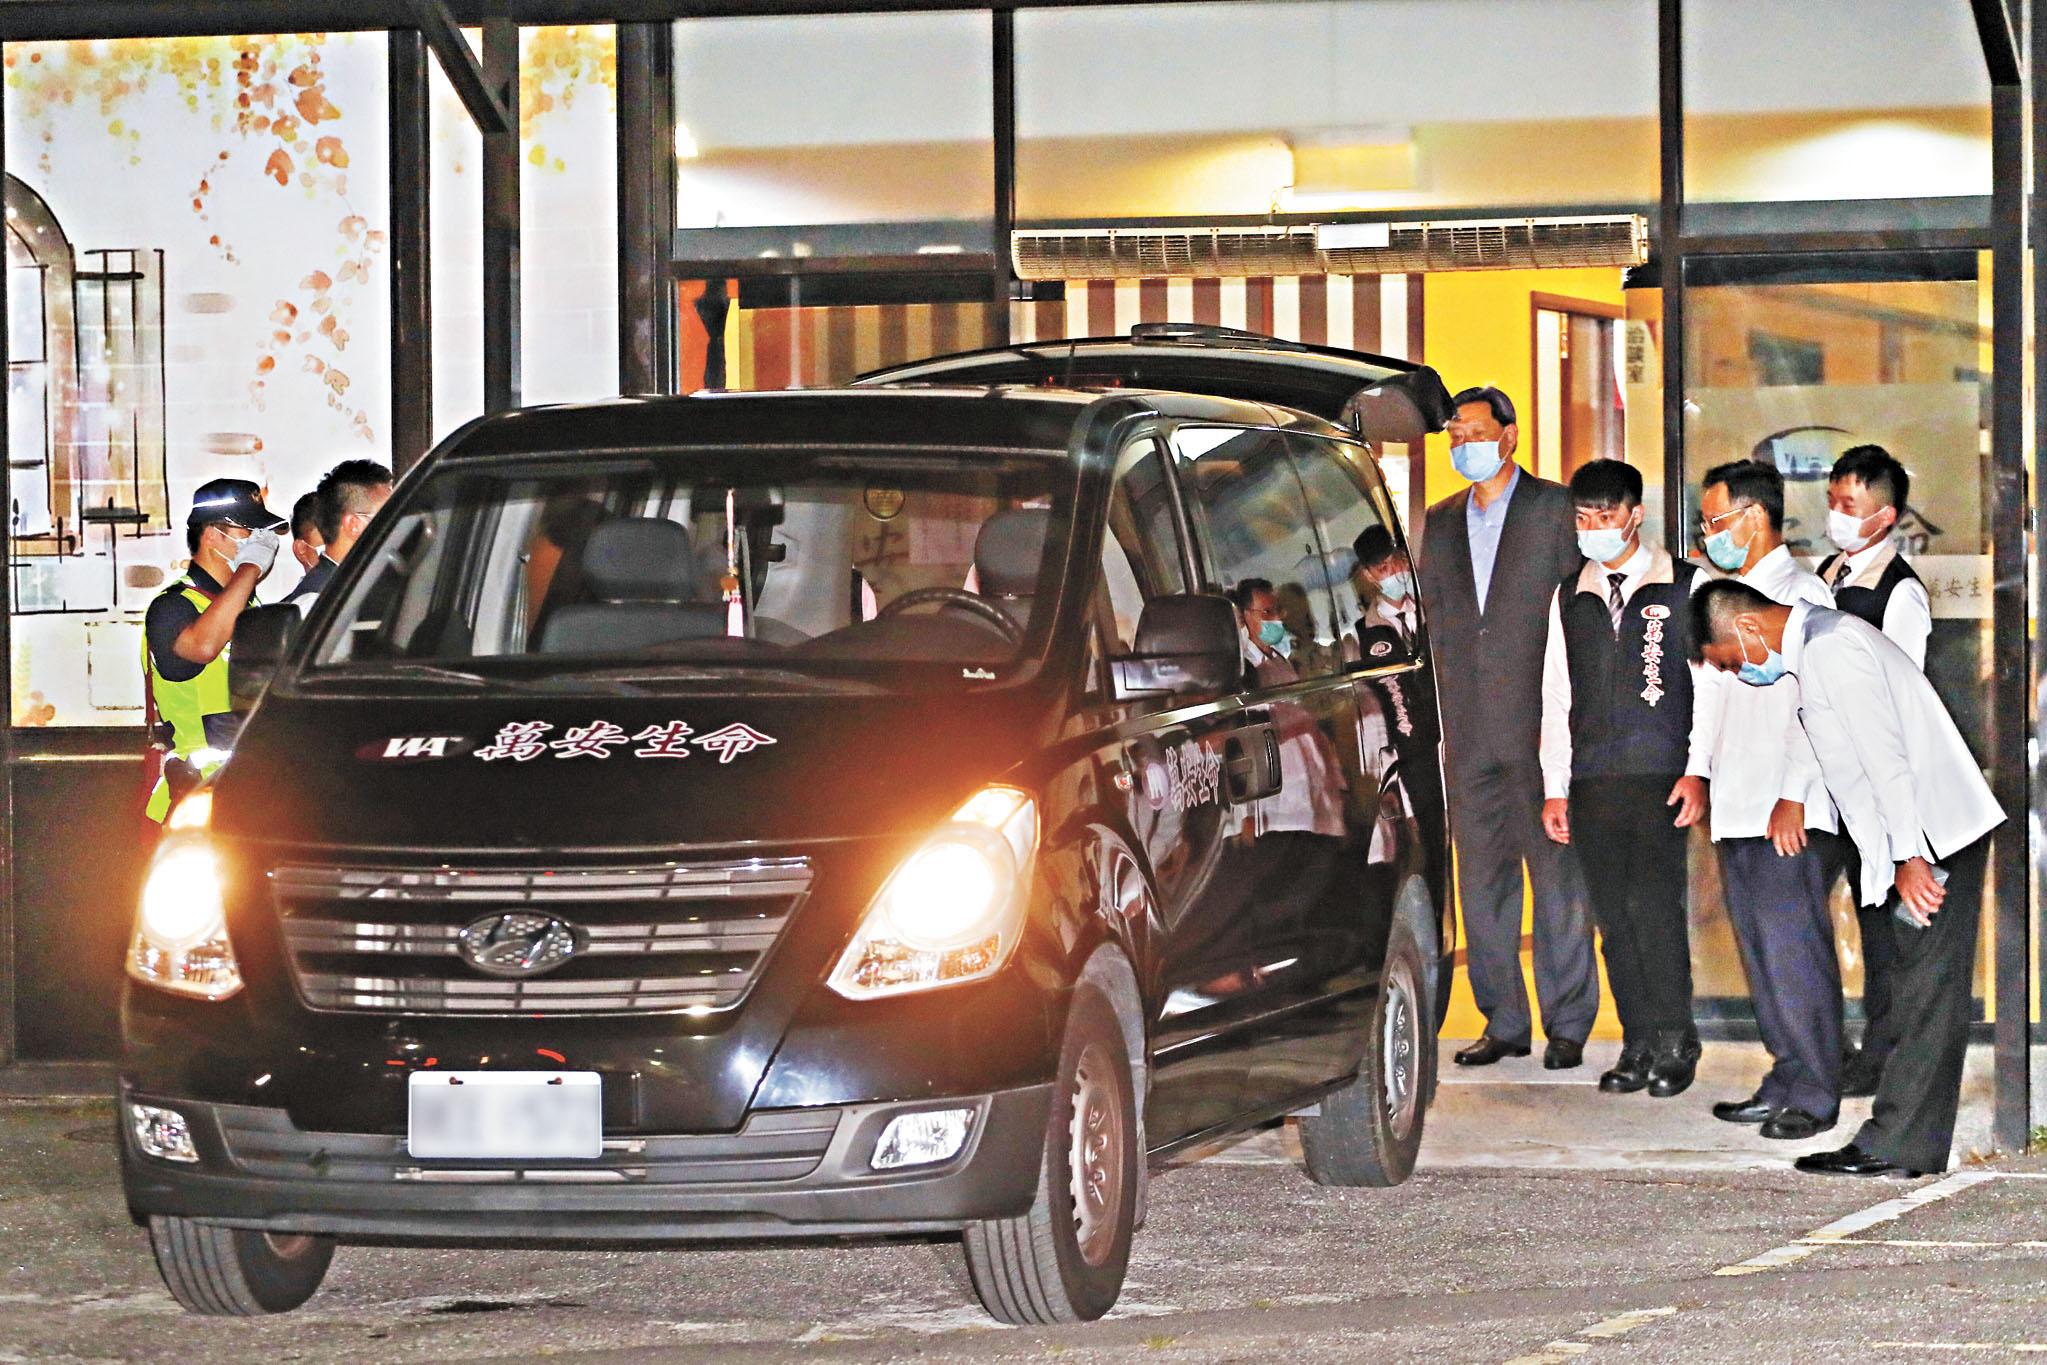 李登輝30日晚間在台北榮總逝世,深夜約11時,禮儀車一路駛往北榮懷恩堂 ;李登輝遺體抵達時,一旁人員鞠躬致意。 中央社